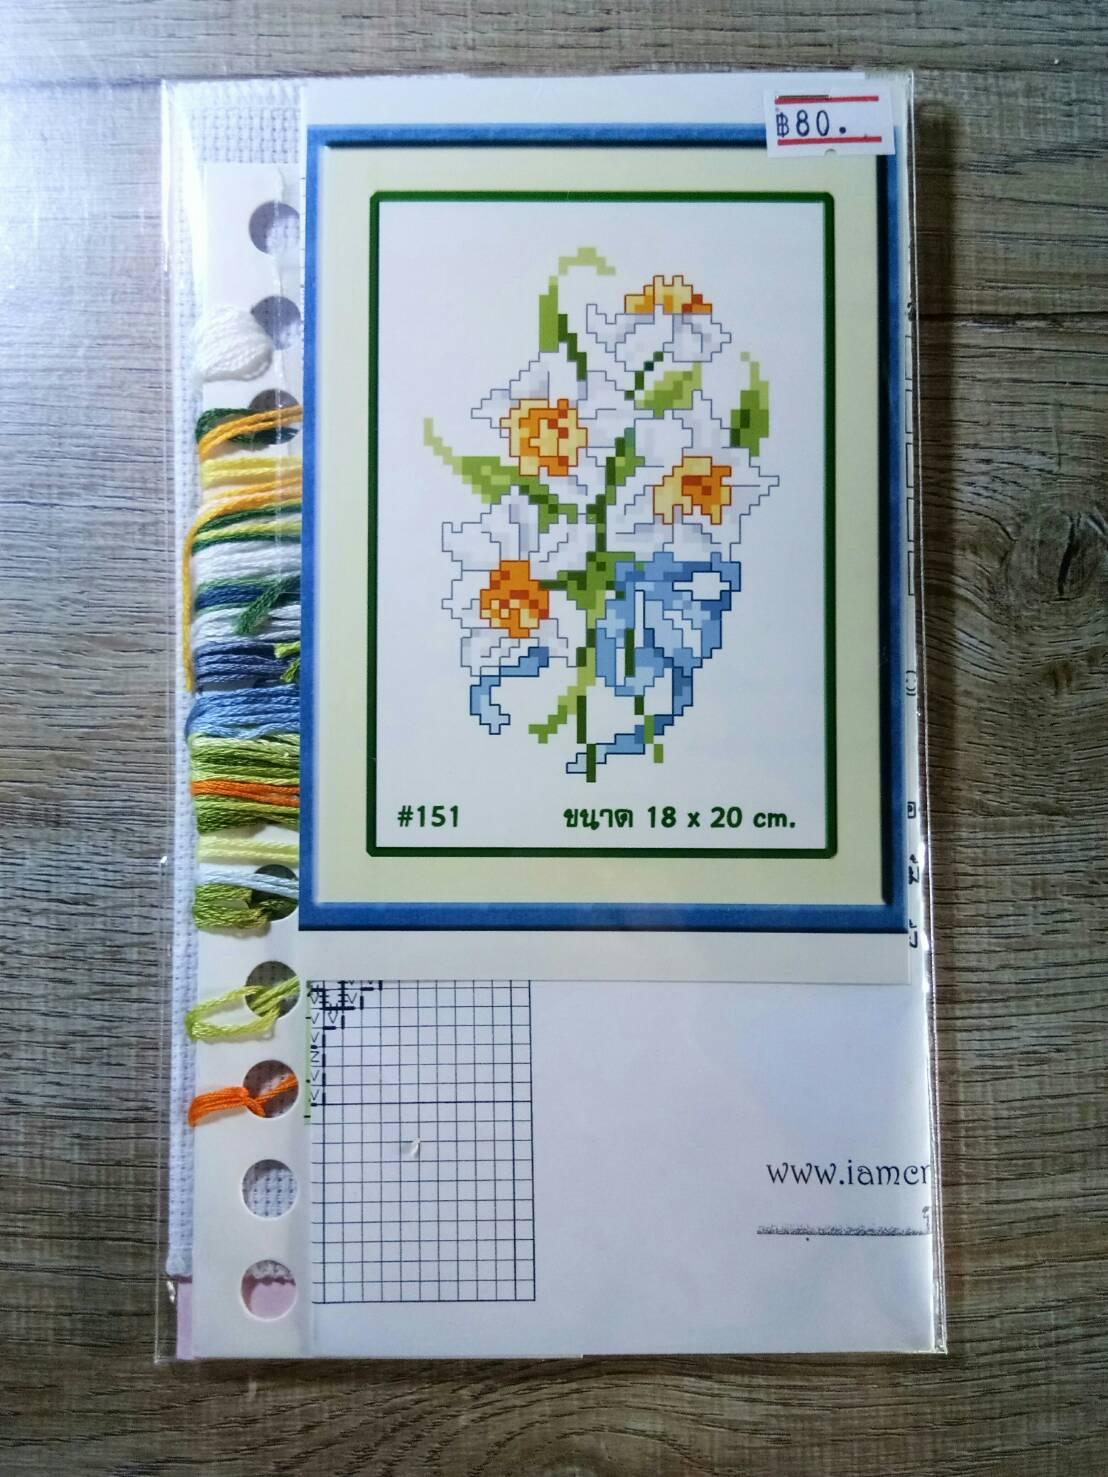 ชุดปักครอสติช ลายดอกไม้ ขนาด 18*20 ซม.ผ้าครอสติช 14 CT ไม่พิมพ์ลายปัก ไหมคอตตอน สี+ผังลาย+เข็ม (ส่งฟรี)